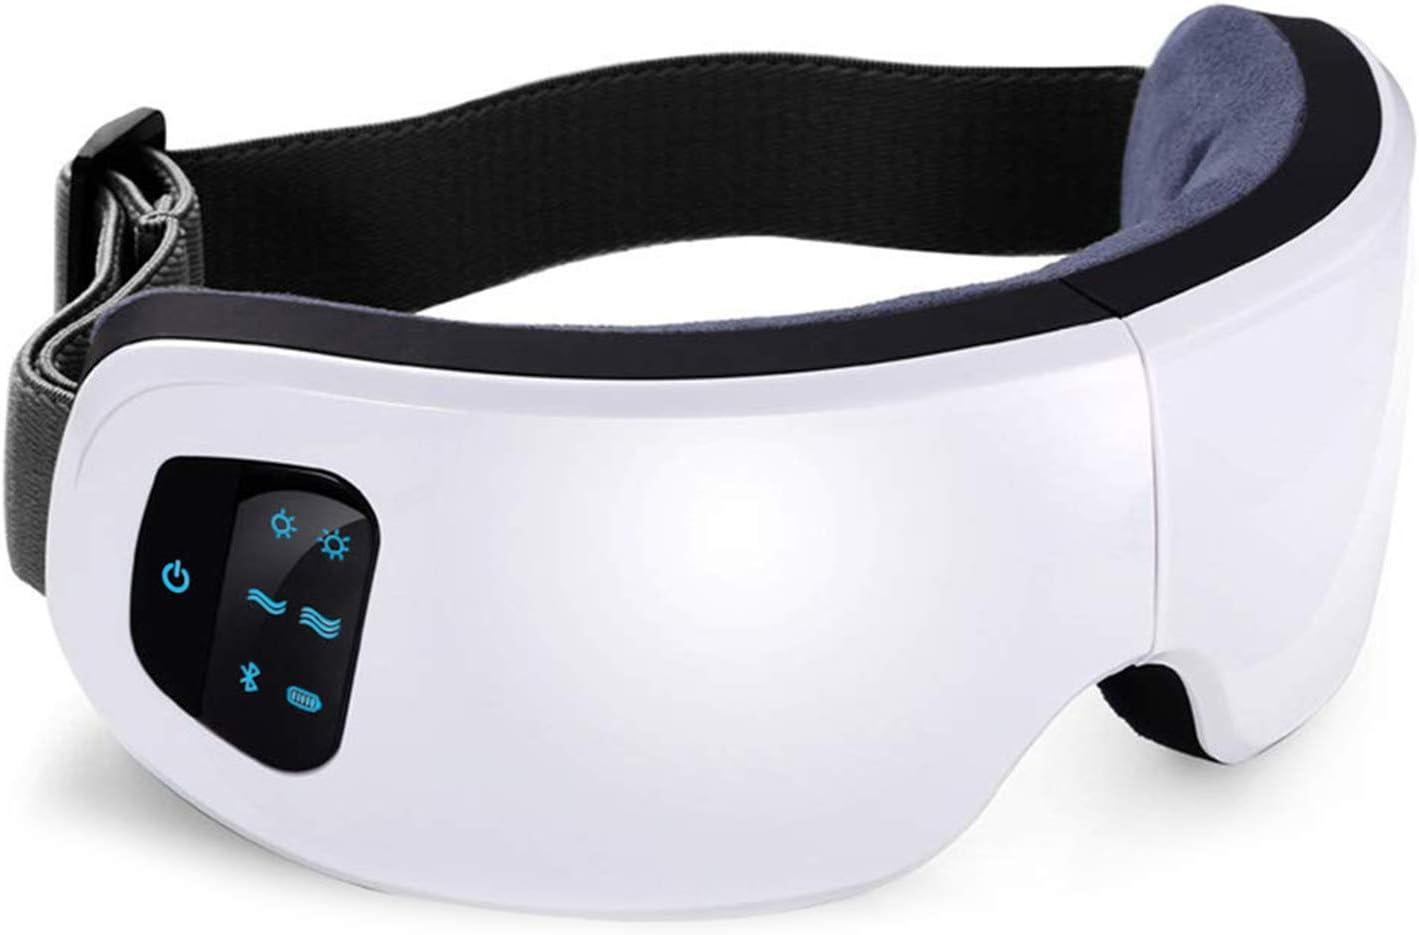 Masajeador de ojos eléctrico, FLYHANA Máscara de masaje de ojos inalámbrico recargable con Compresion de calor Presión de aire vibrante bluetooth para los bolsos del ojo, Circulos oscuros